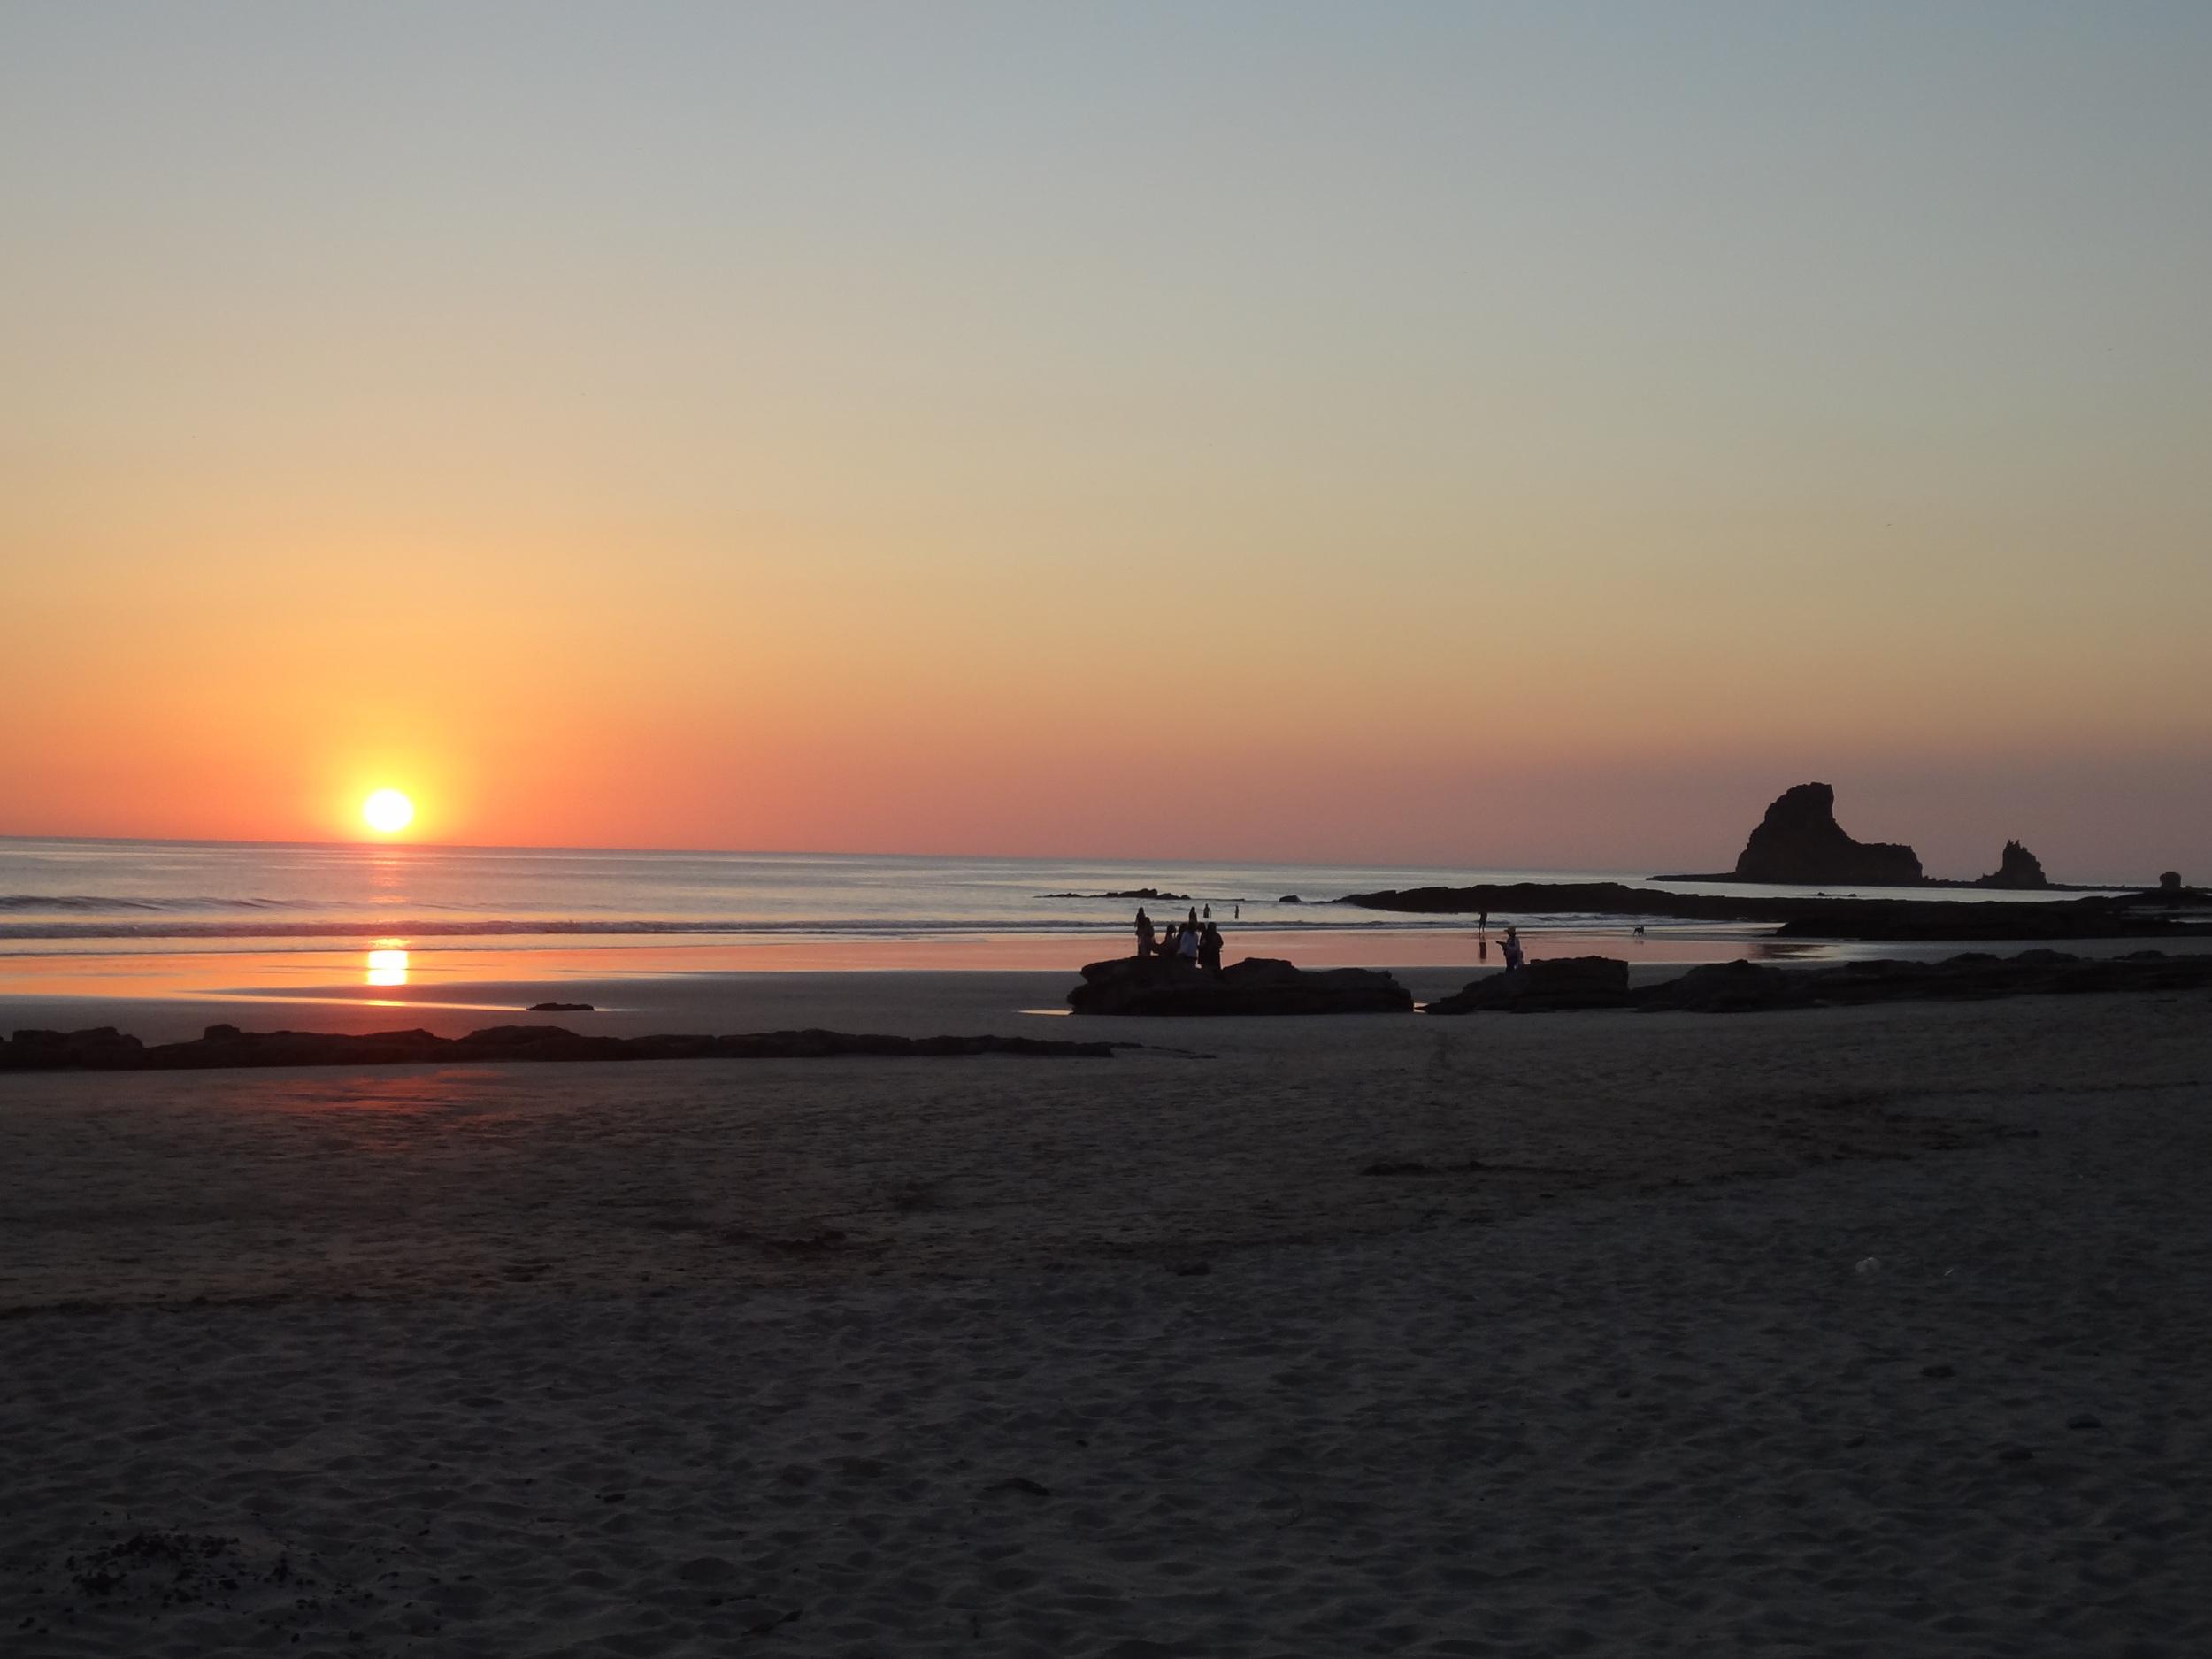 Aaaaah, Playa Maderas.